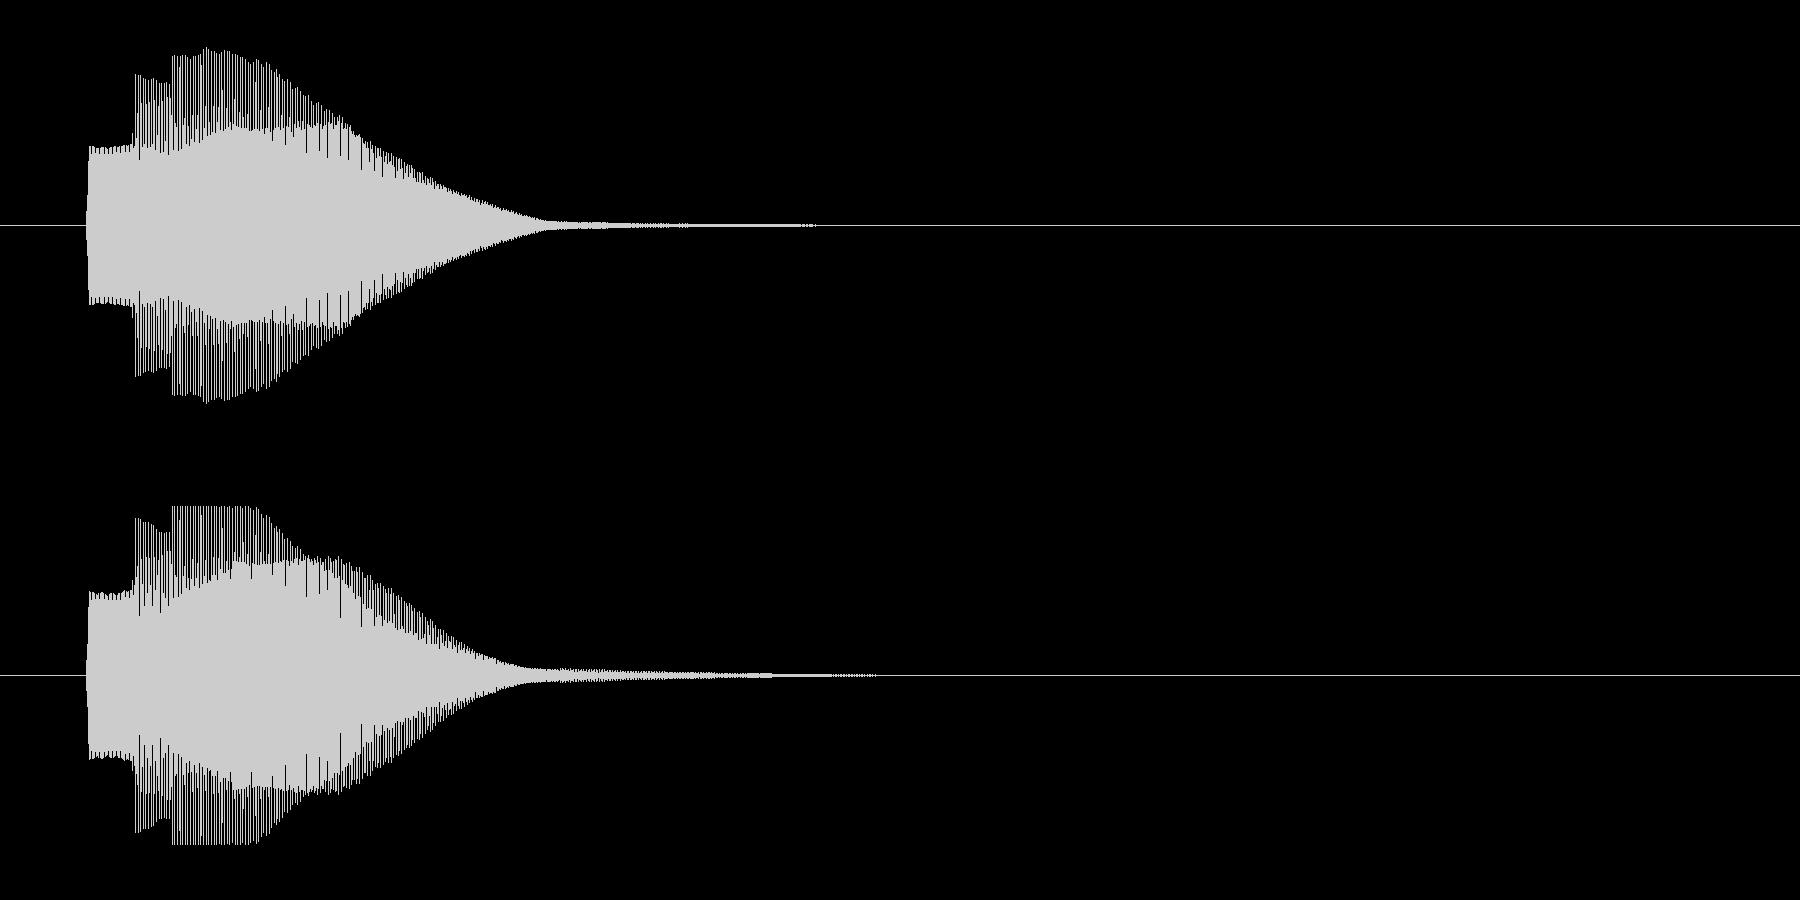 シンプルな決定音02 ピコーン ゲームの未再生の波形